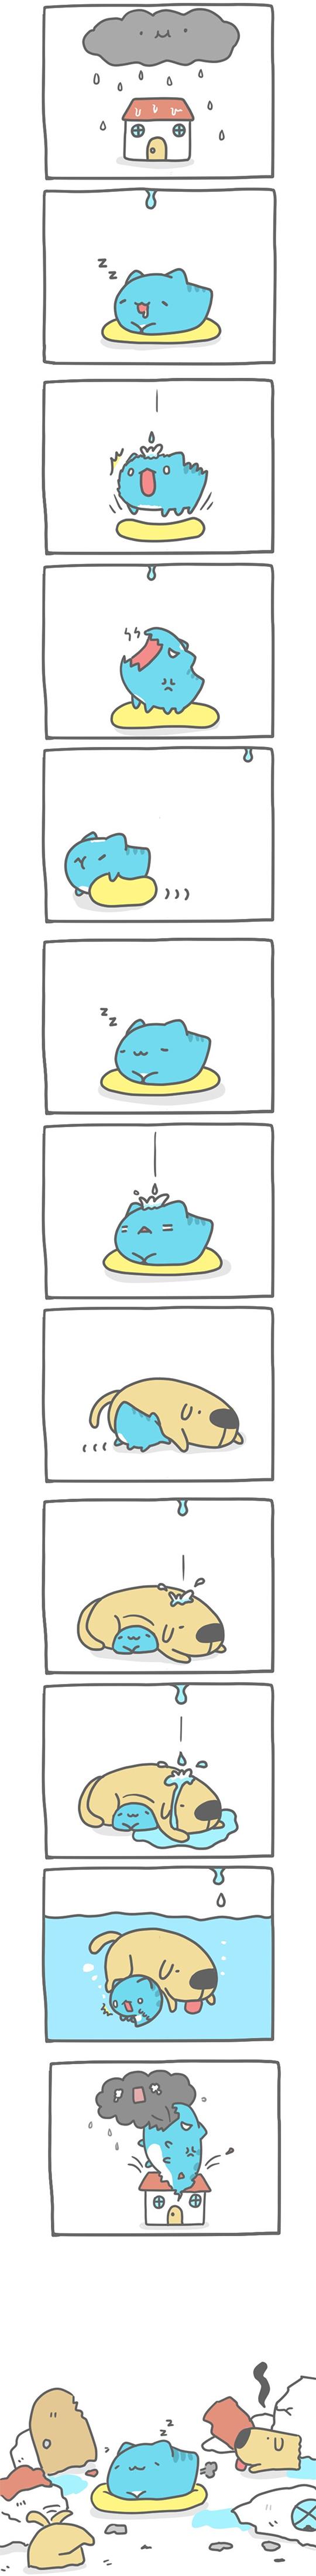 Truyện Mìn Lèo #123: Đám mây giận dữ